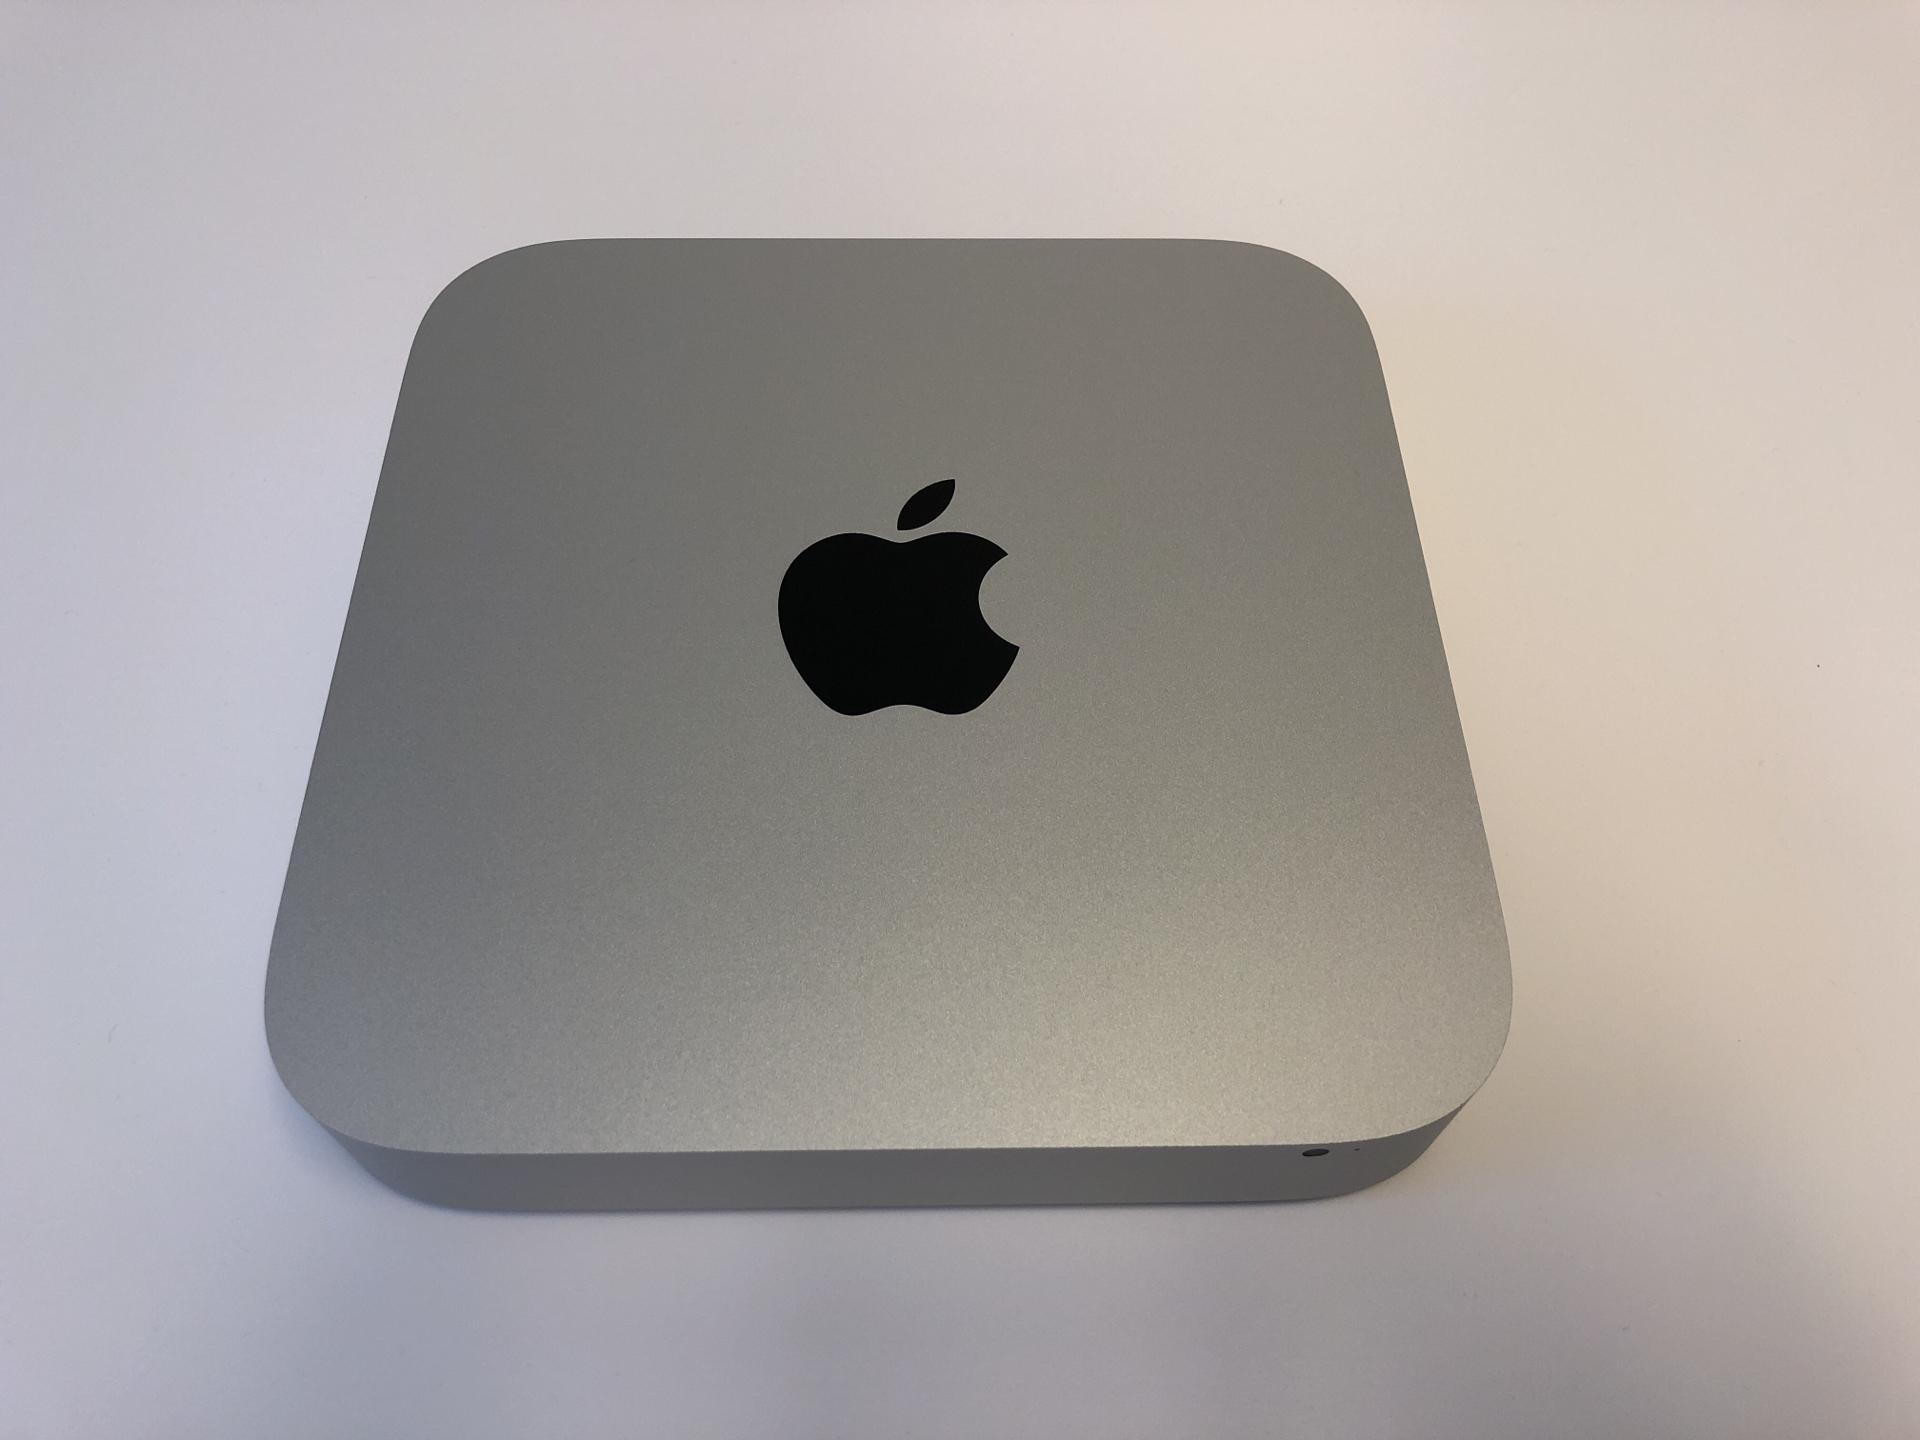 Mac Mini Late 2014 (Intel Core i5 2.6 GHz 8 GB RAM 1 TB HDD), Intel Core i5 2.6 GHz, 8 GB RAM, 1 TB HDD, imagen 1